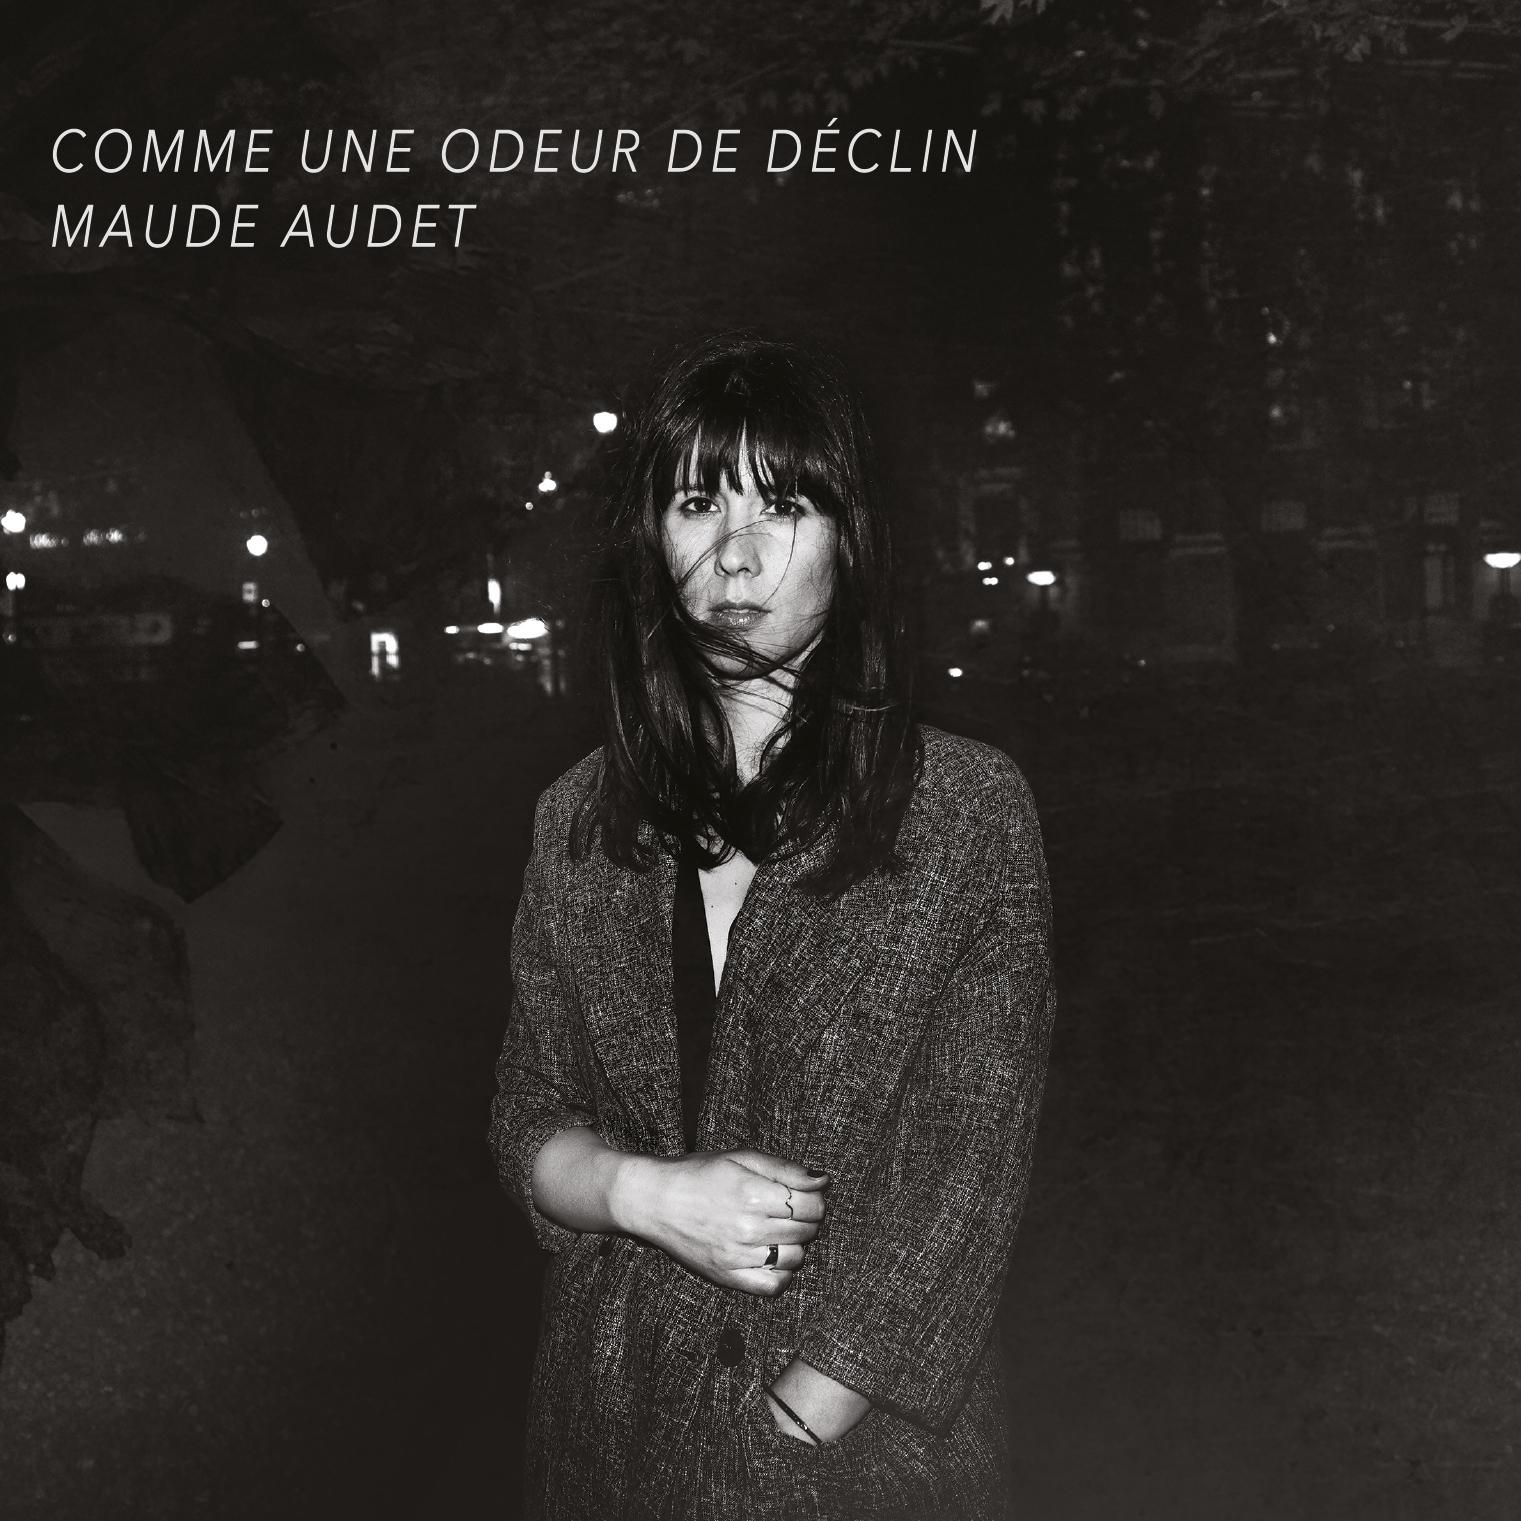 Maude Audet